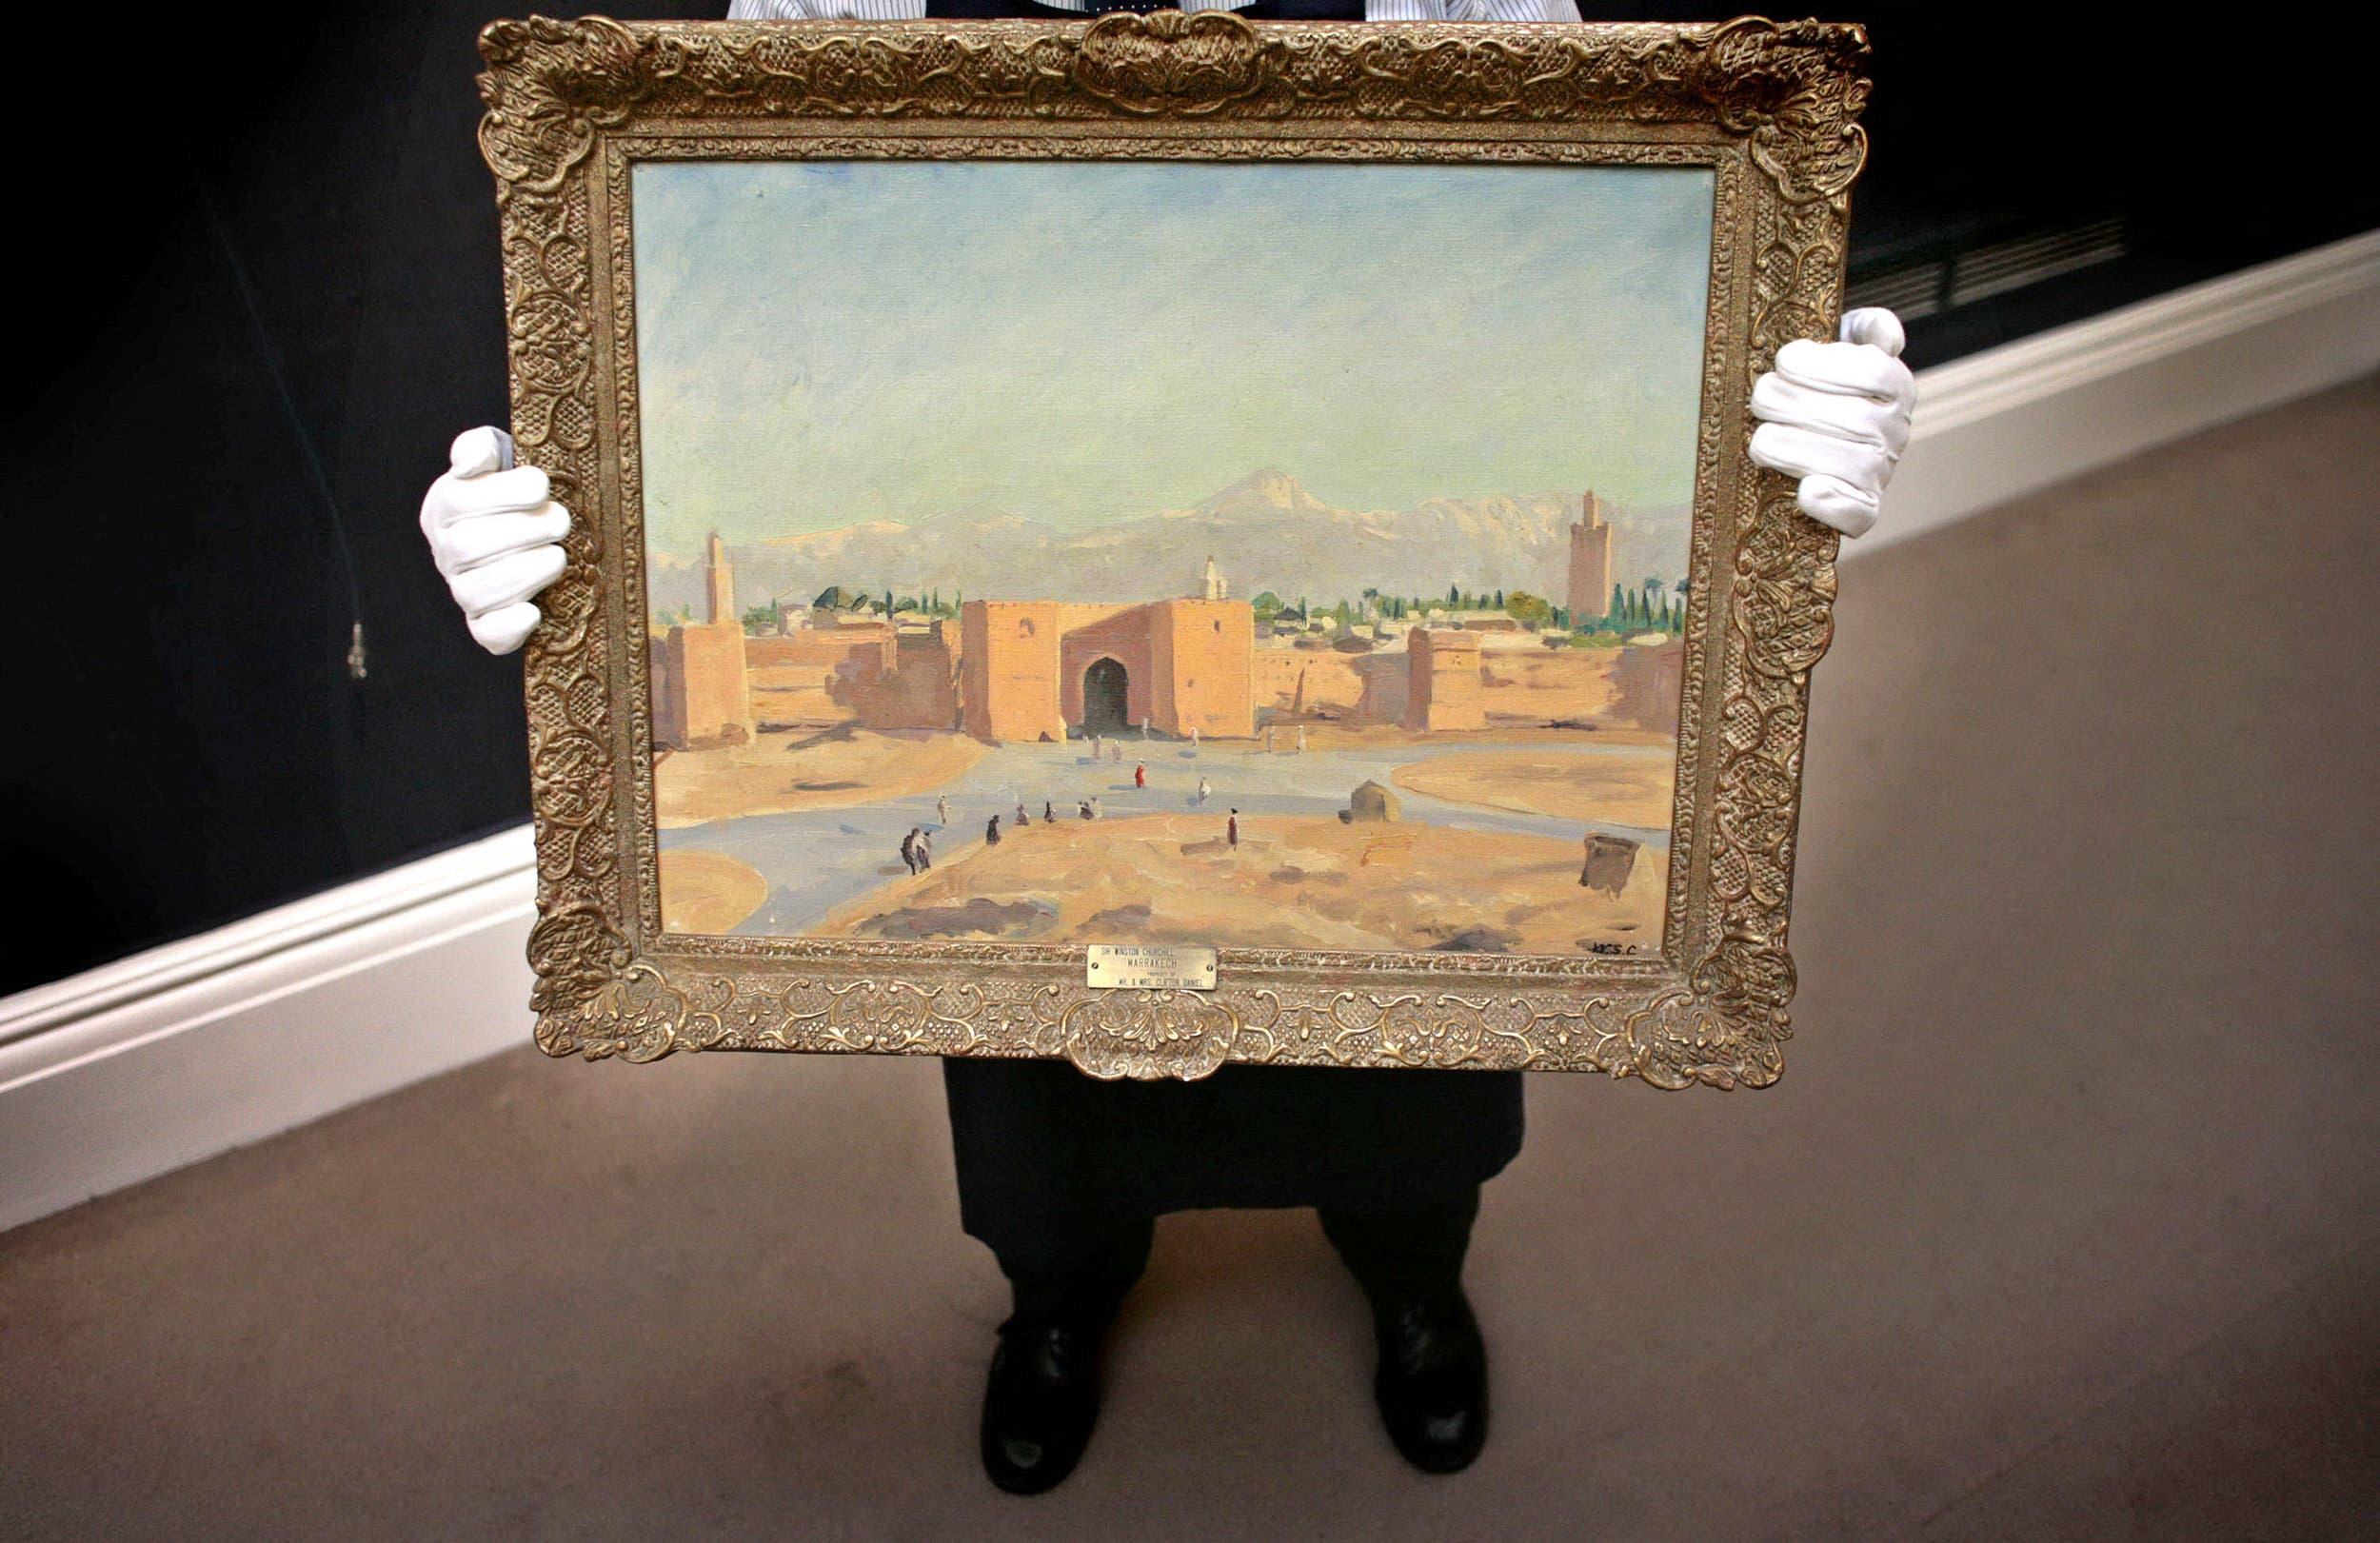 اللوحة التي تجسد صومعة مسجد الكتبية التاريخي في مراكش